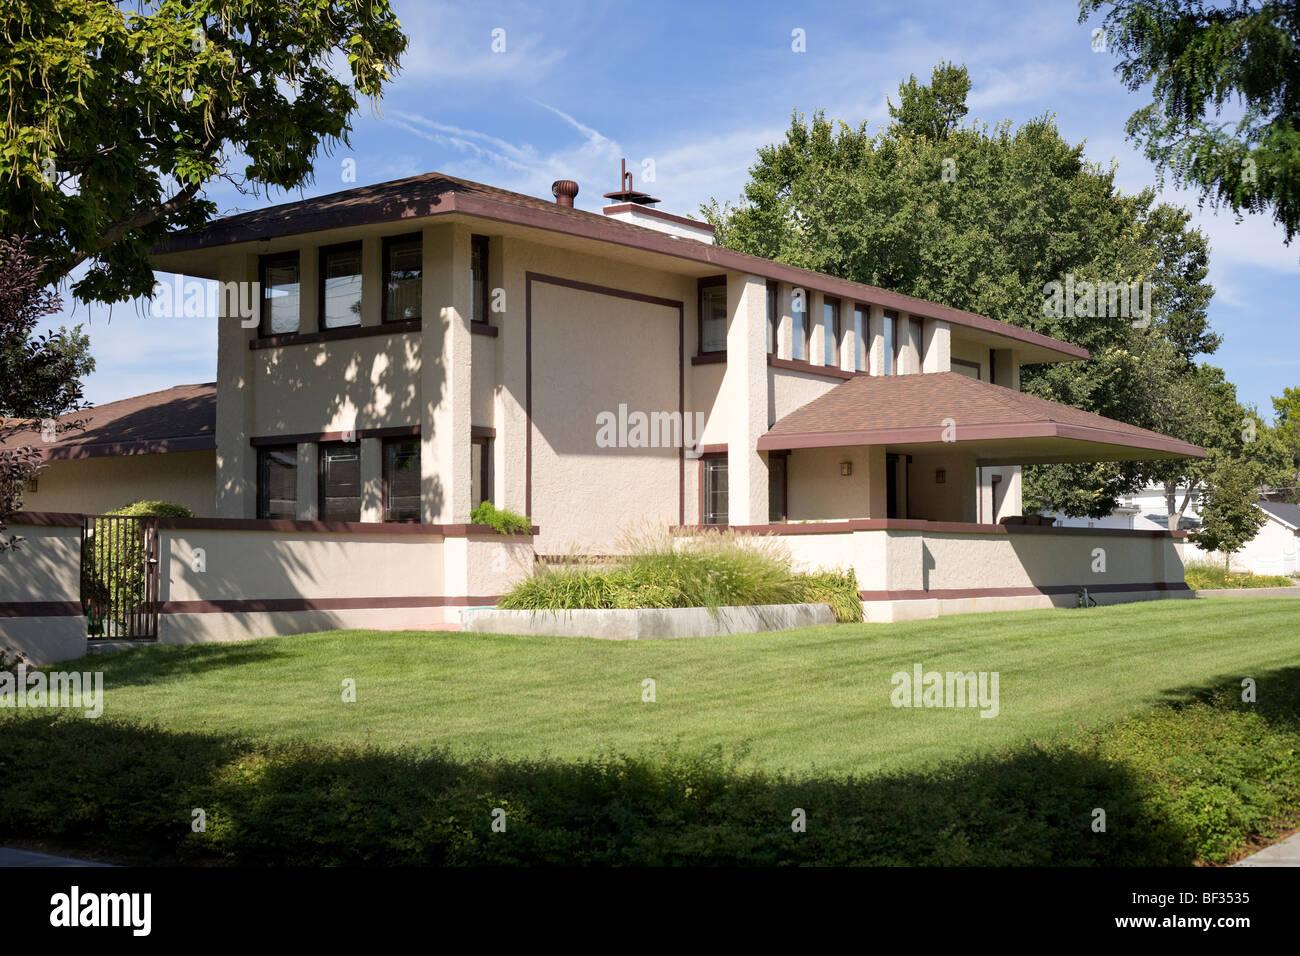 Frank Lloyd Wright Prairie Style frank lloyd wright house stock photos & frank lloyd wright house